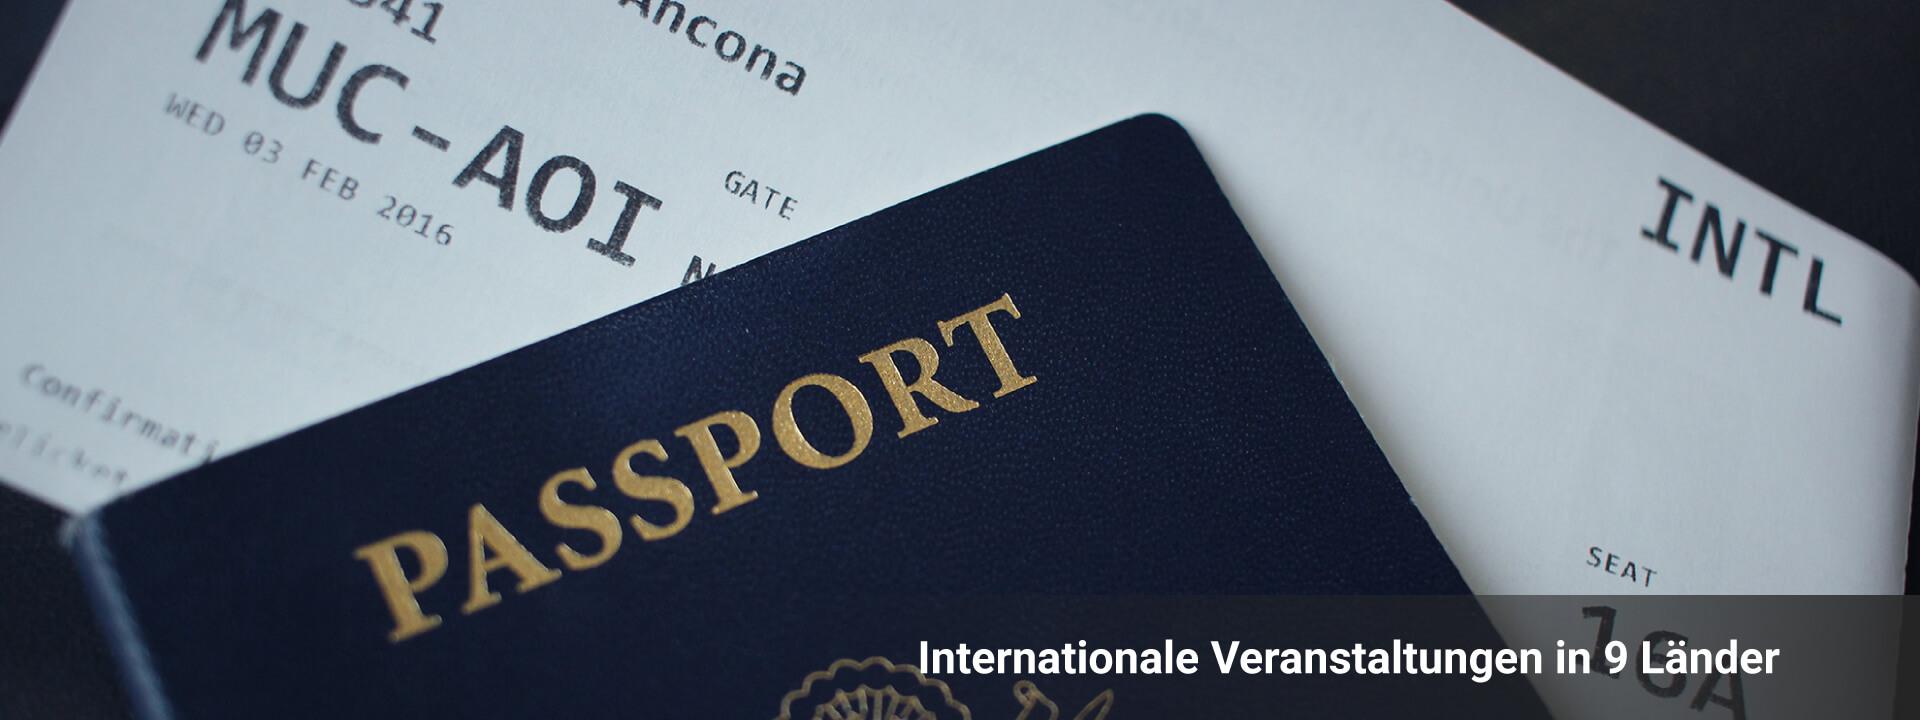 Internationale Veranstaltungen in 9 Länder